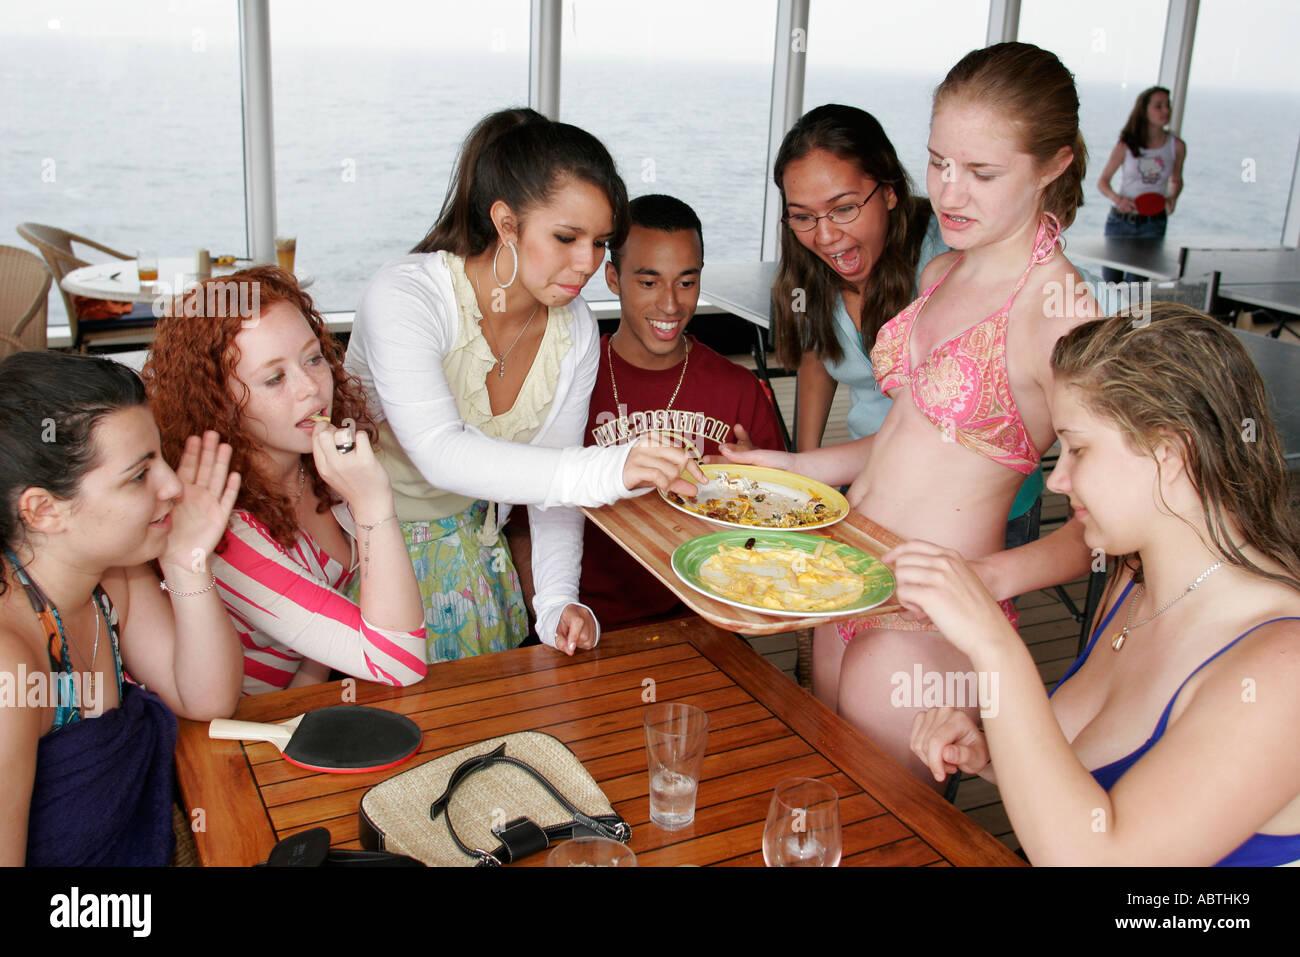 Holland teens